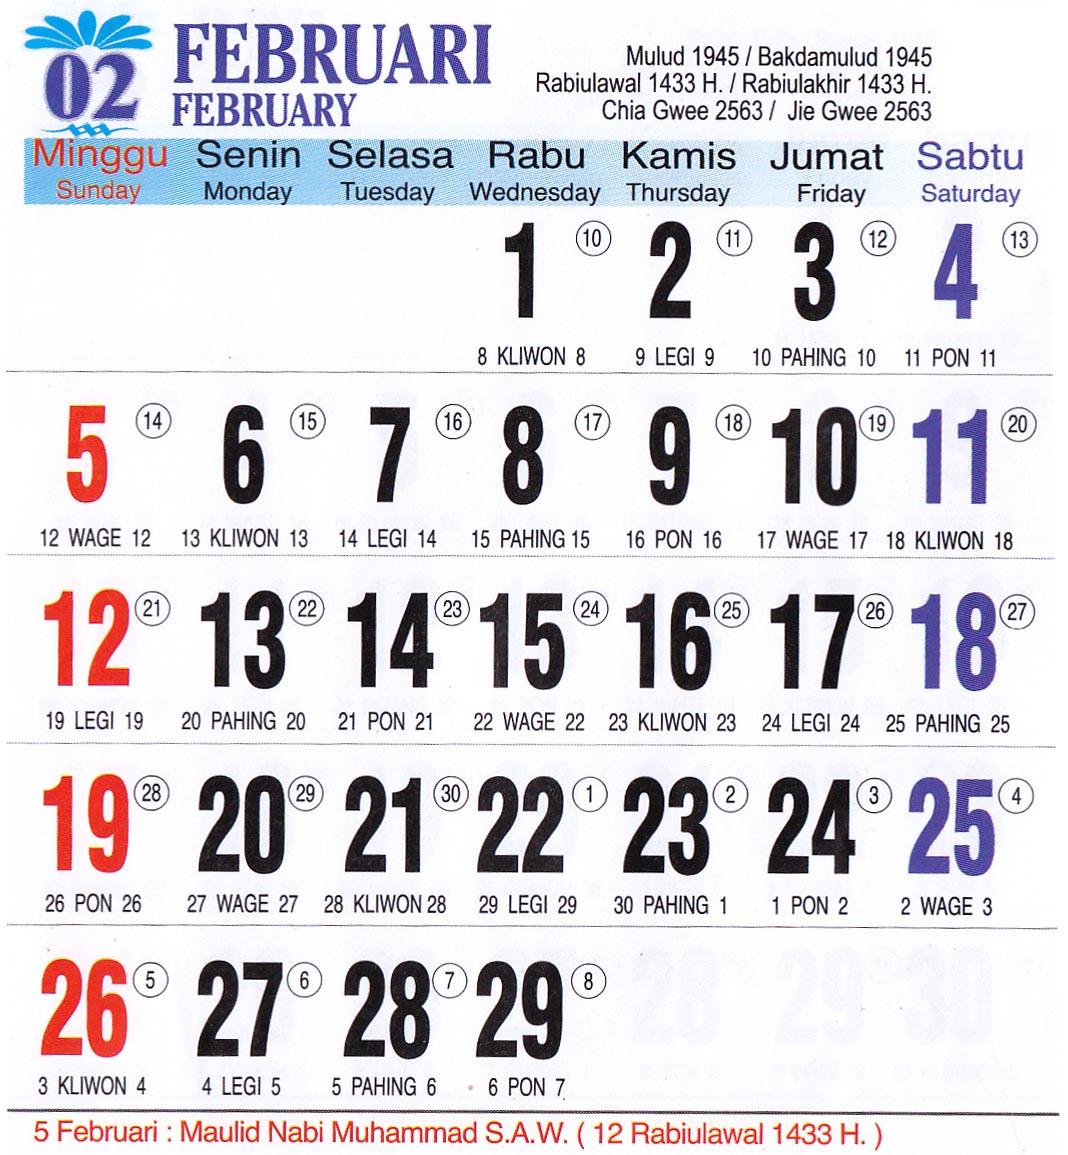 Kalender Tahun 2012 : Masehi, Kalender Islam, Kalender Jawa, Kalender ...